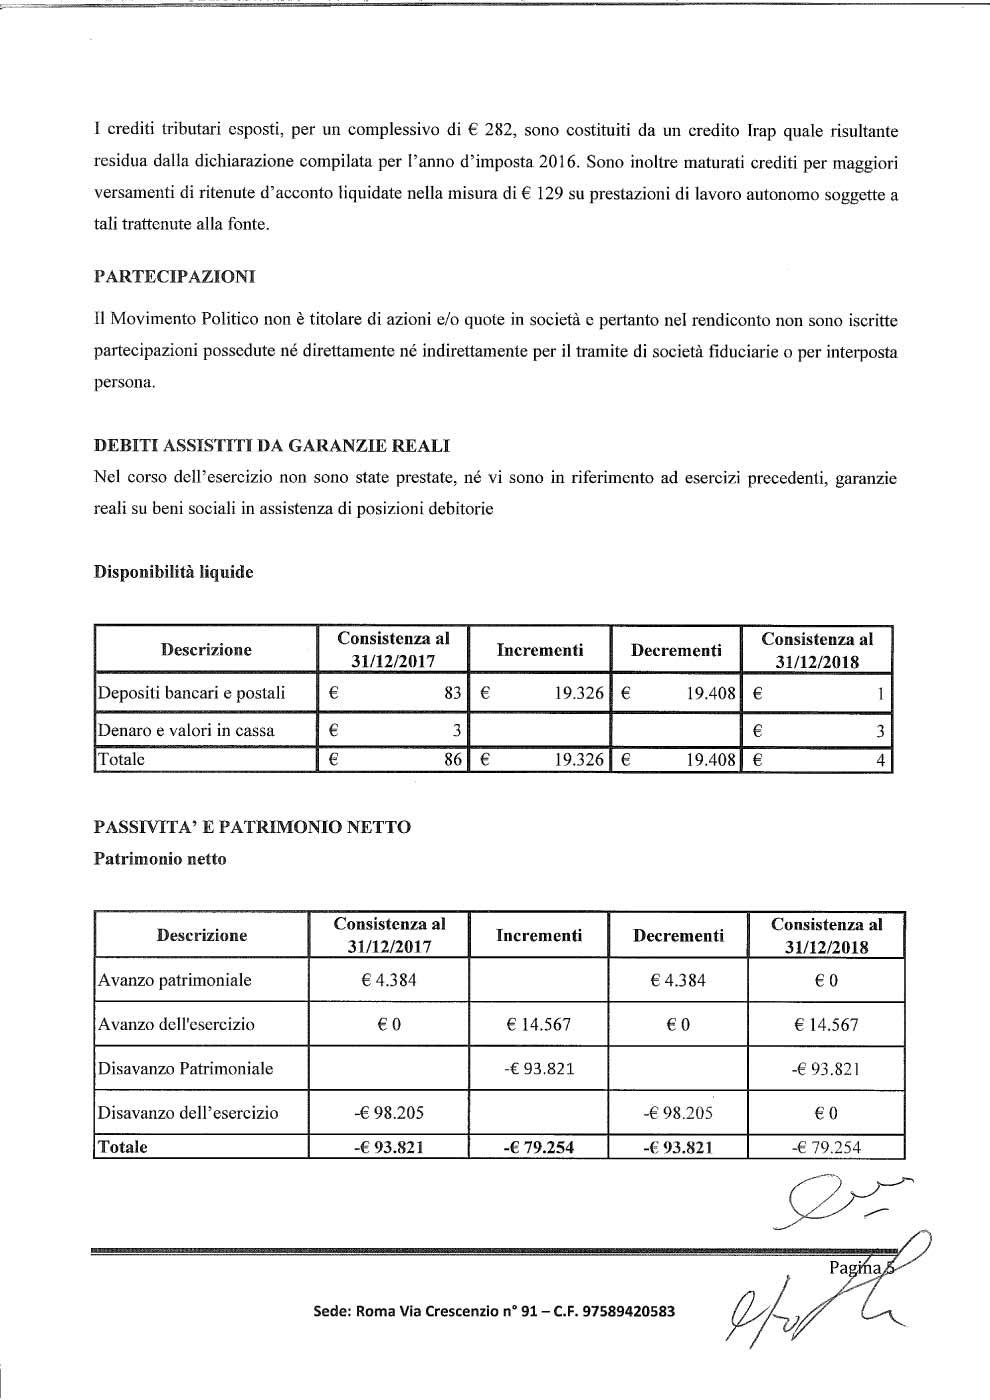 8-RENDICONTO-DELL'ESERCIZIO-AL-31